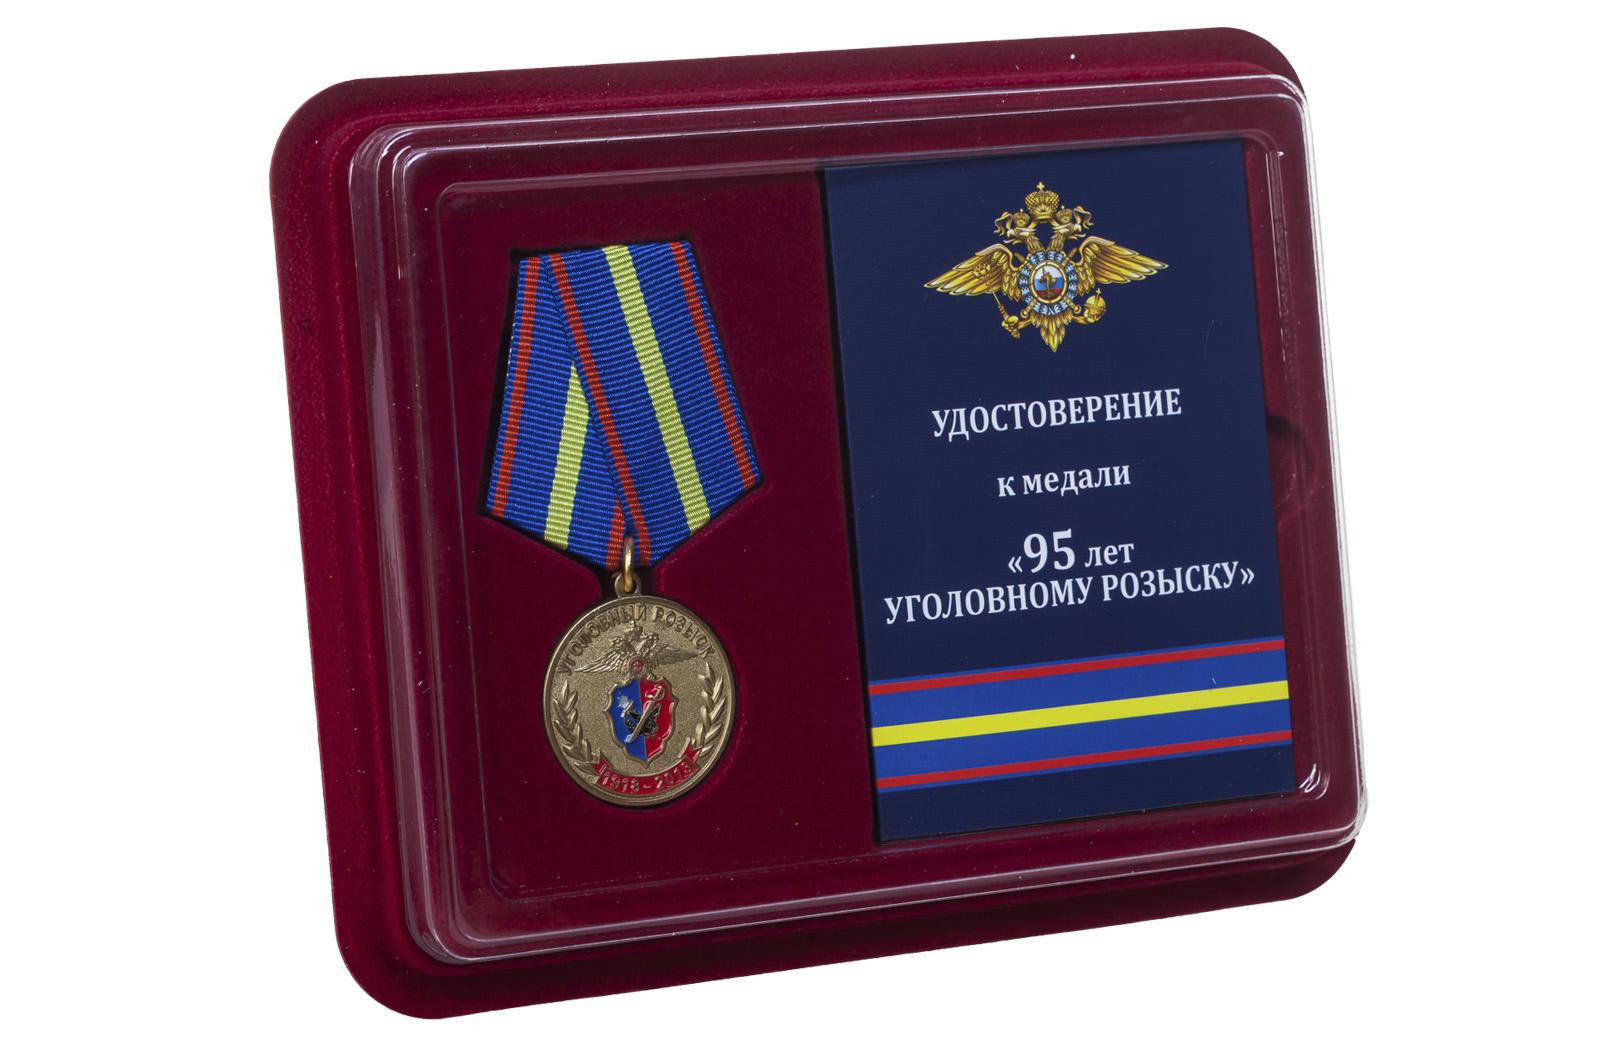 Купить памятную медаль 95 лет Уголовному Розыску МВД России в подарок